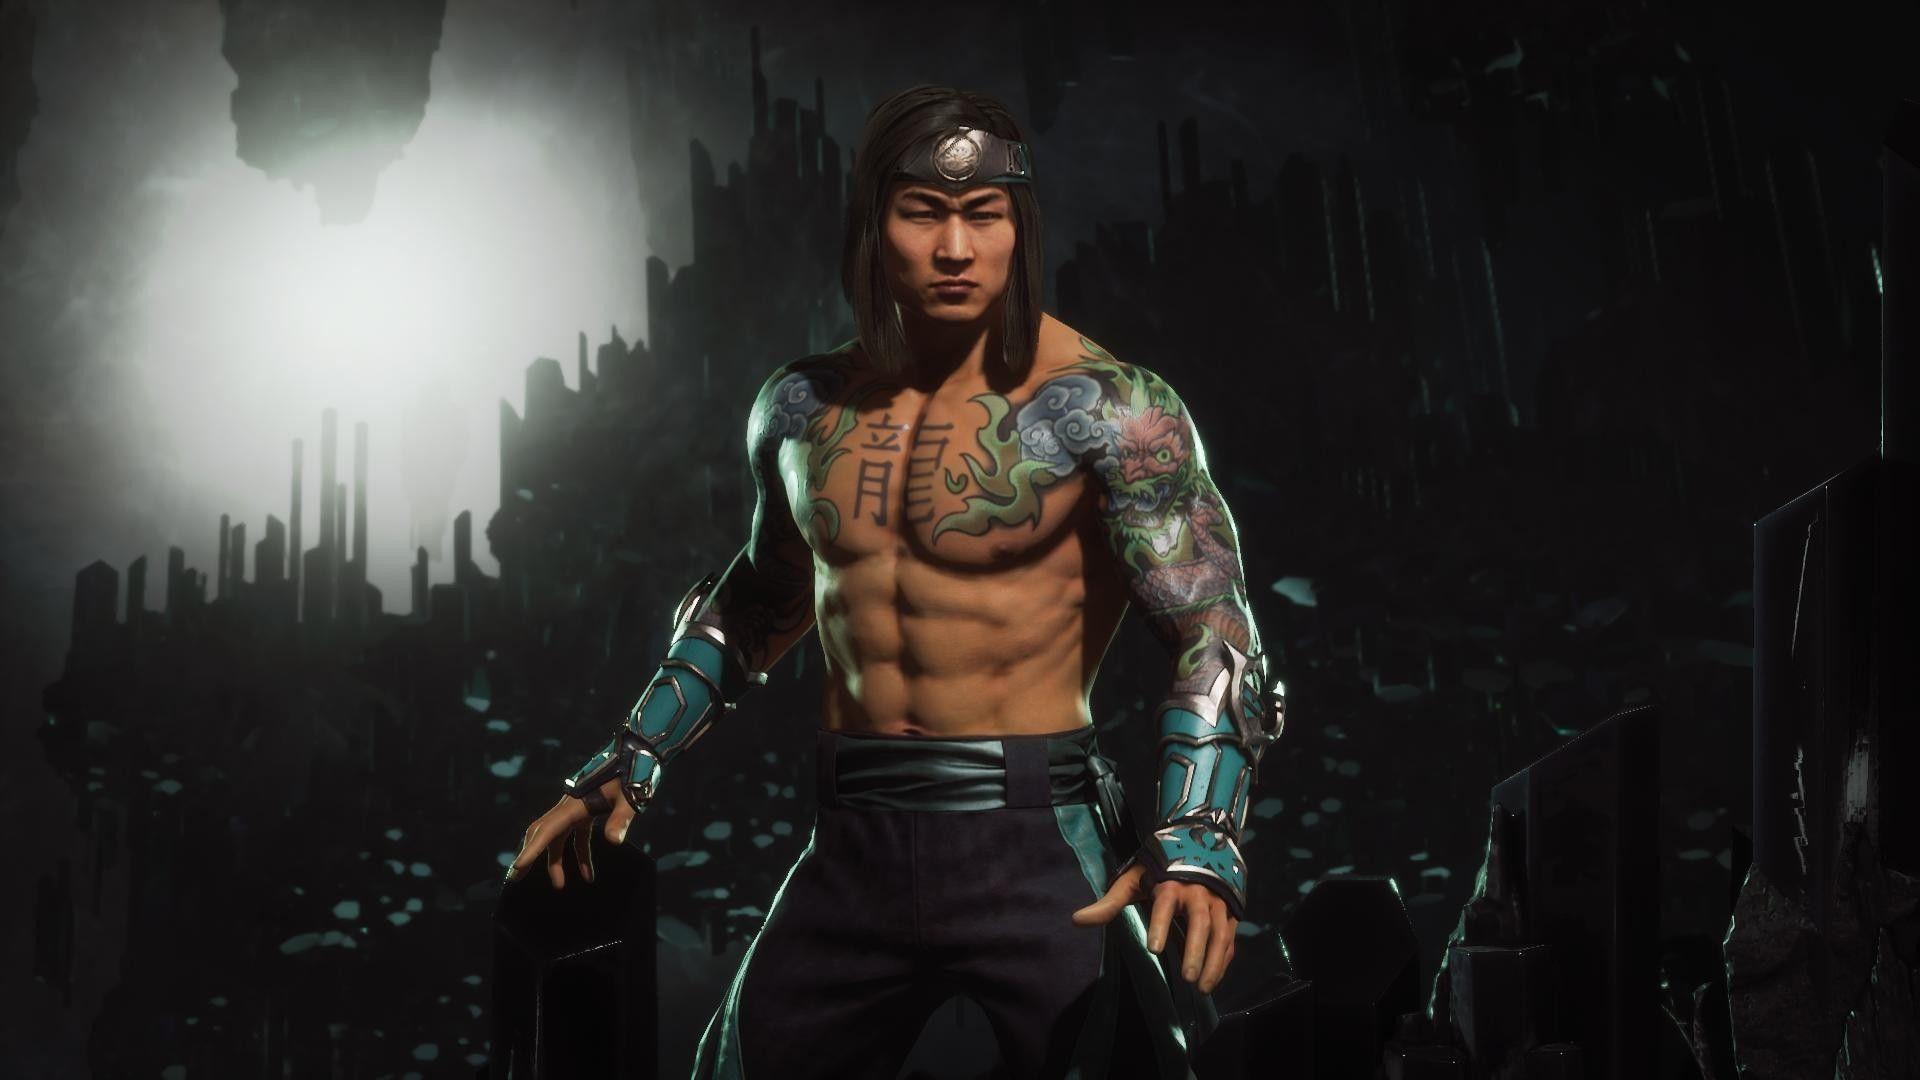 Badass Liu Kang Mortal Kombat Characters Mortal Kombat Liu Kang